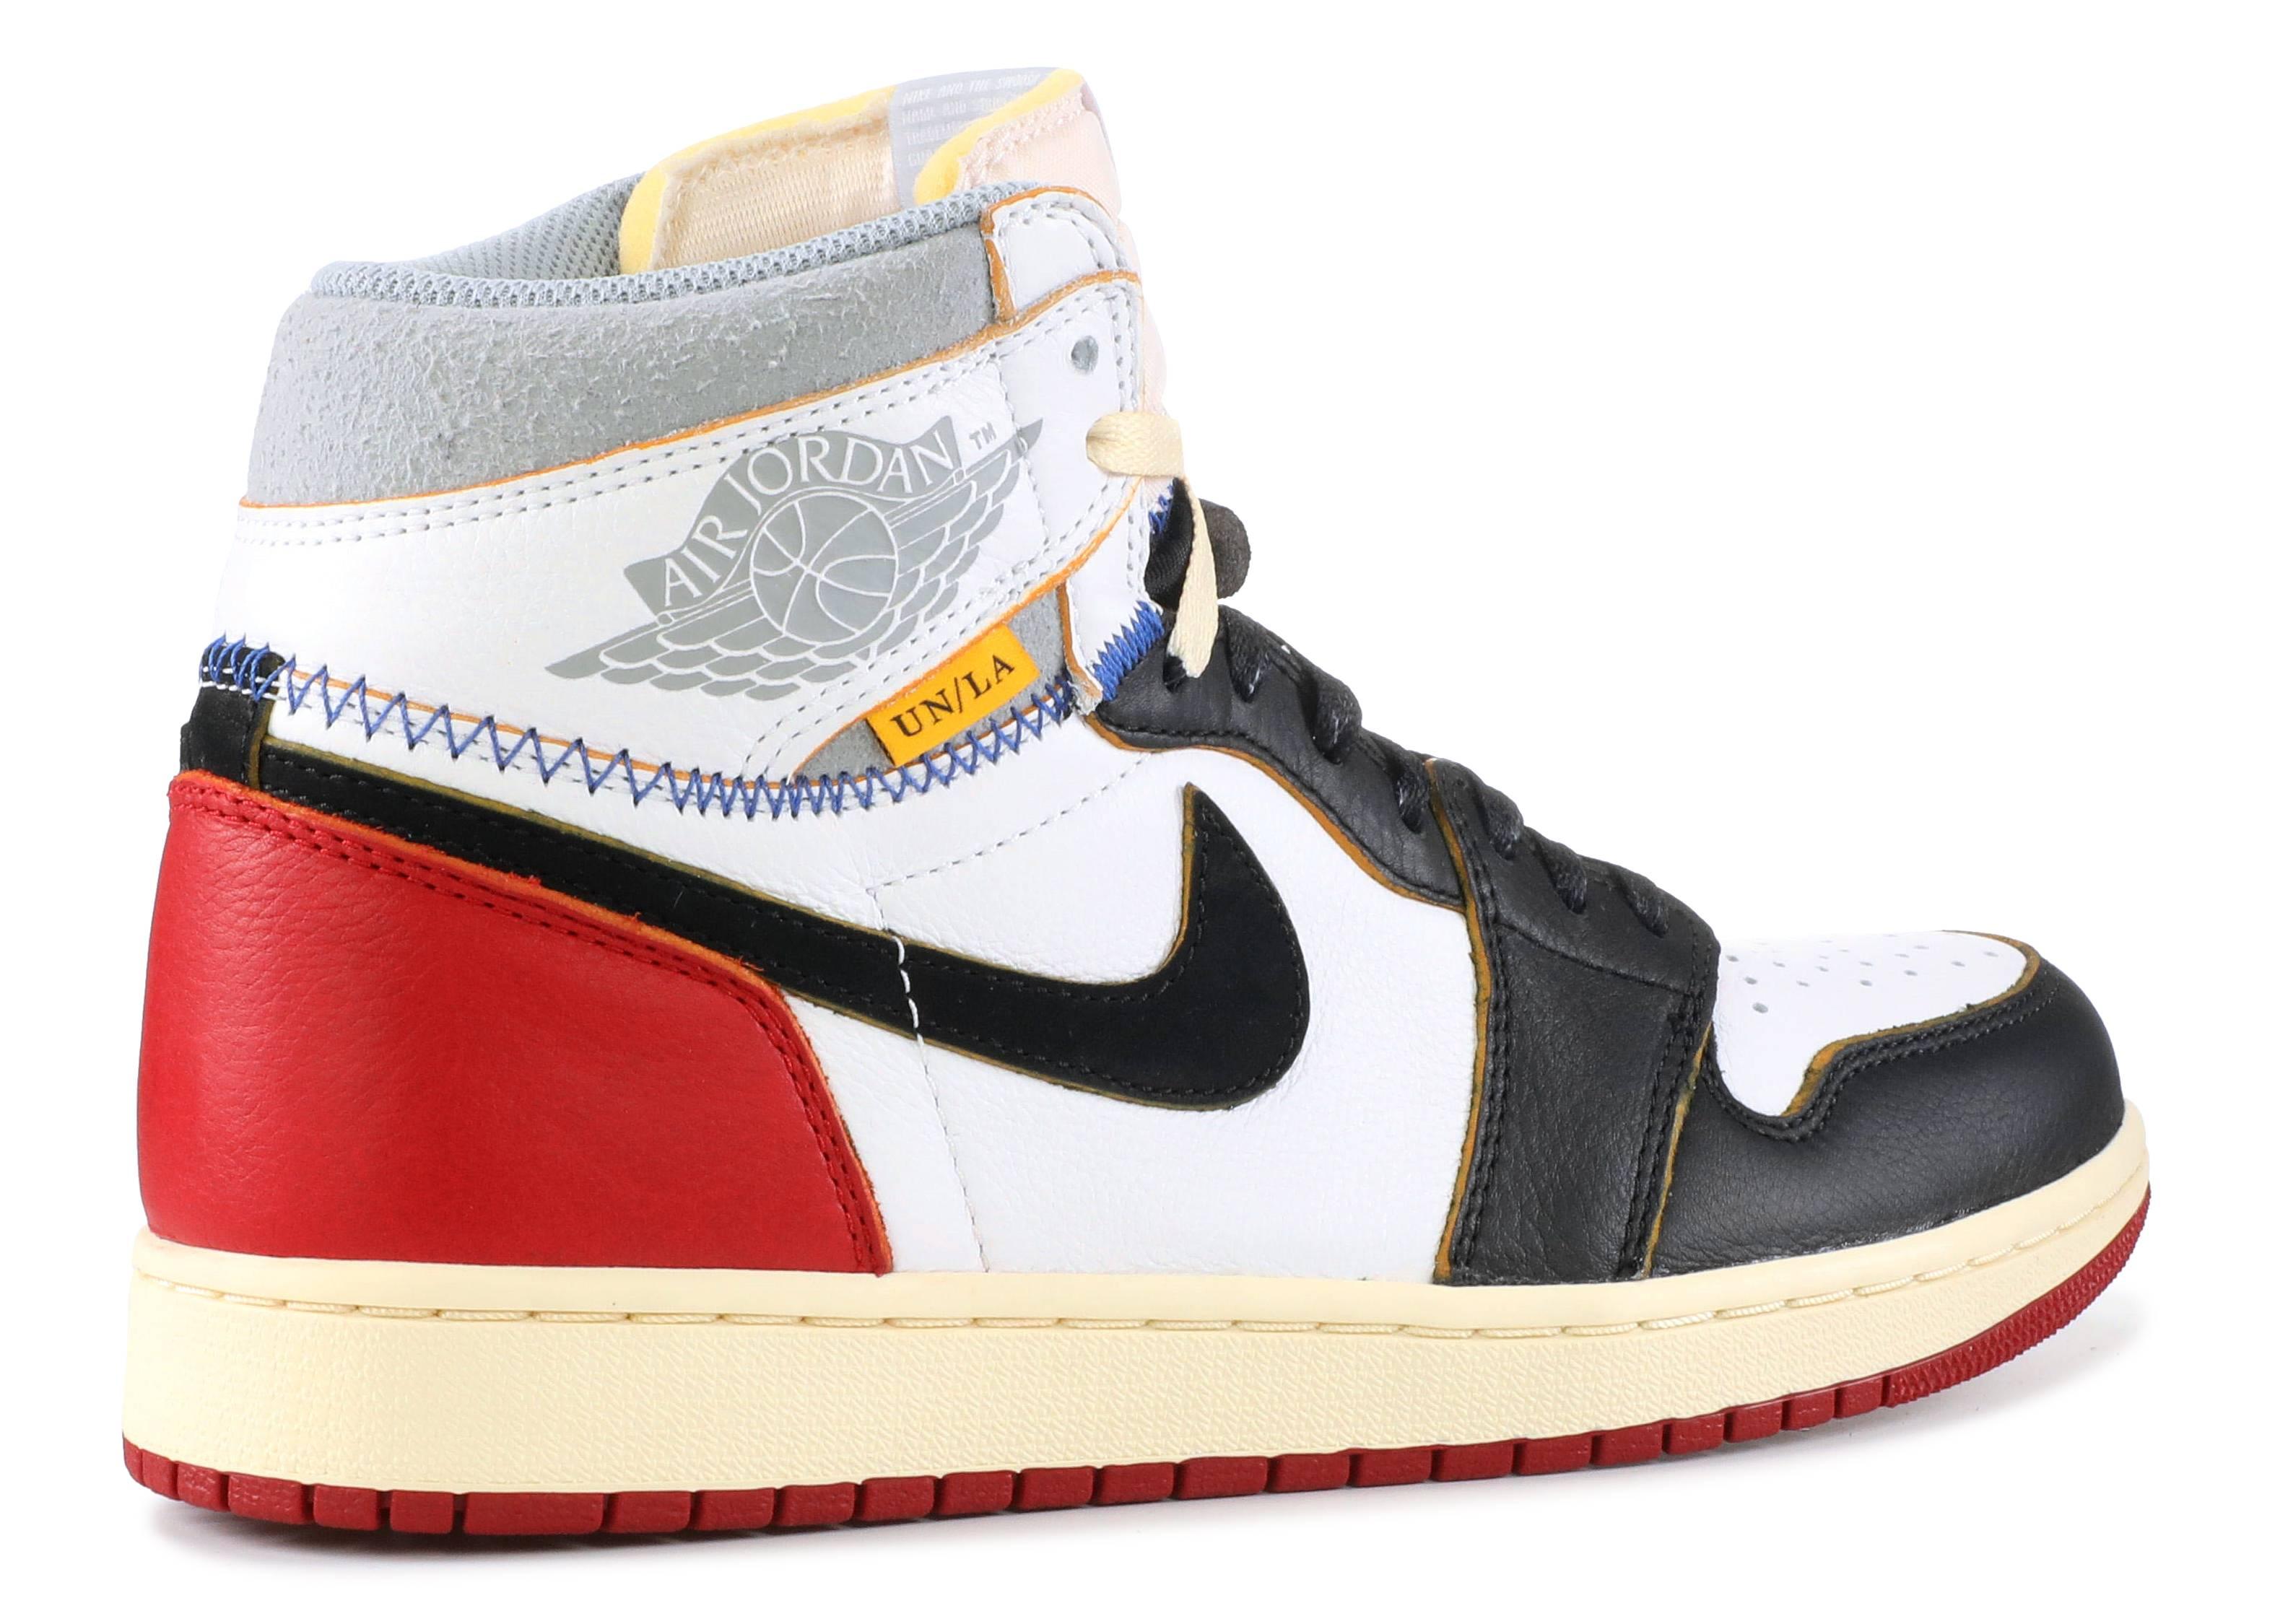 buy online a034b 6d0ee Air Jordan 1 Retro Hi Nrg un